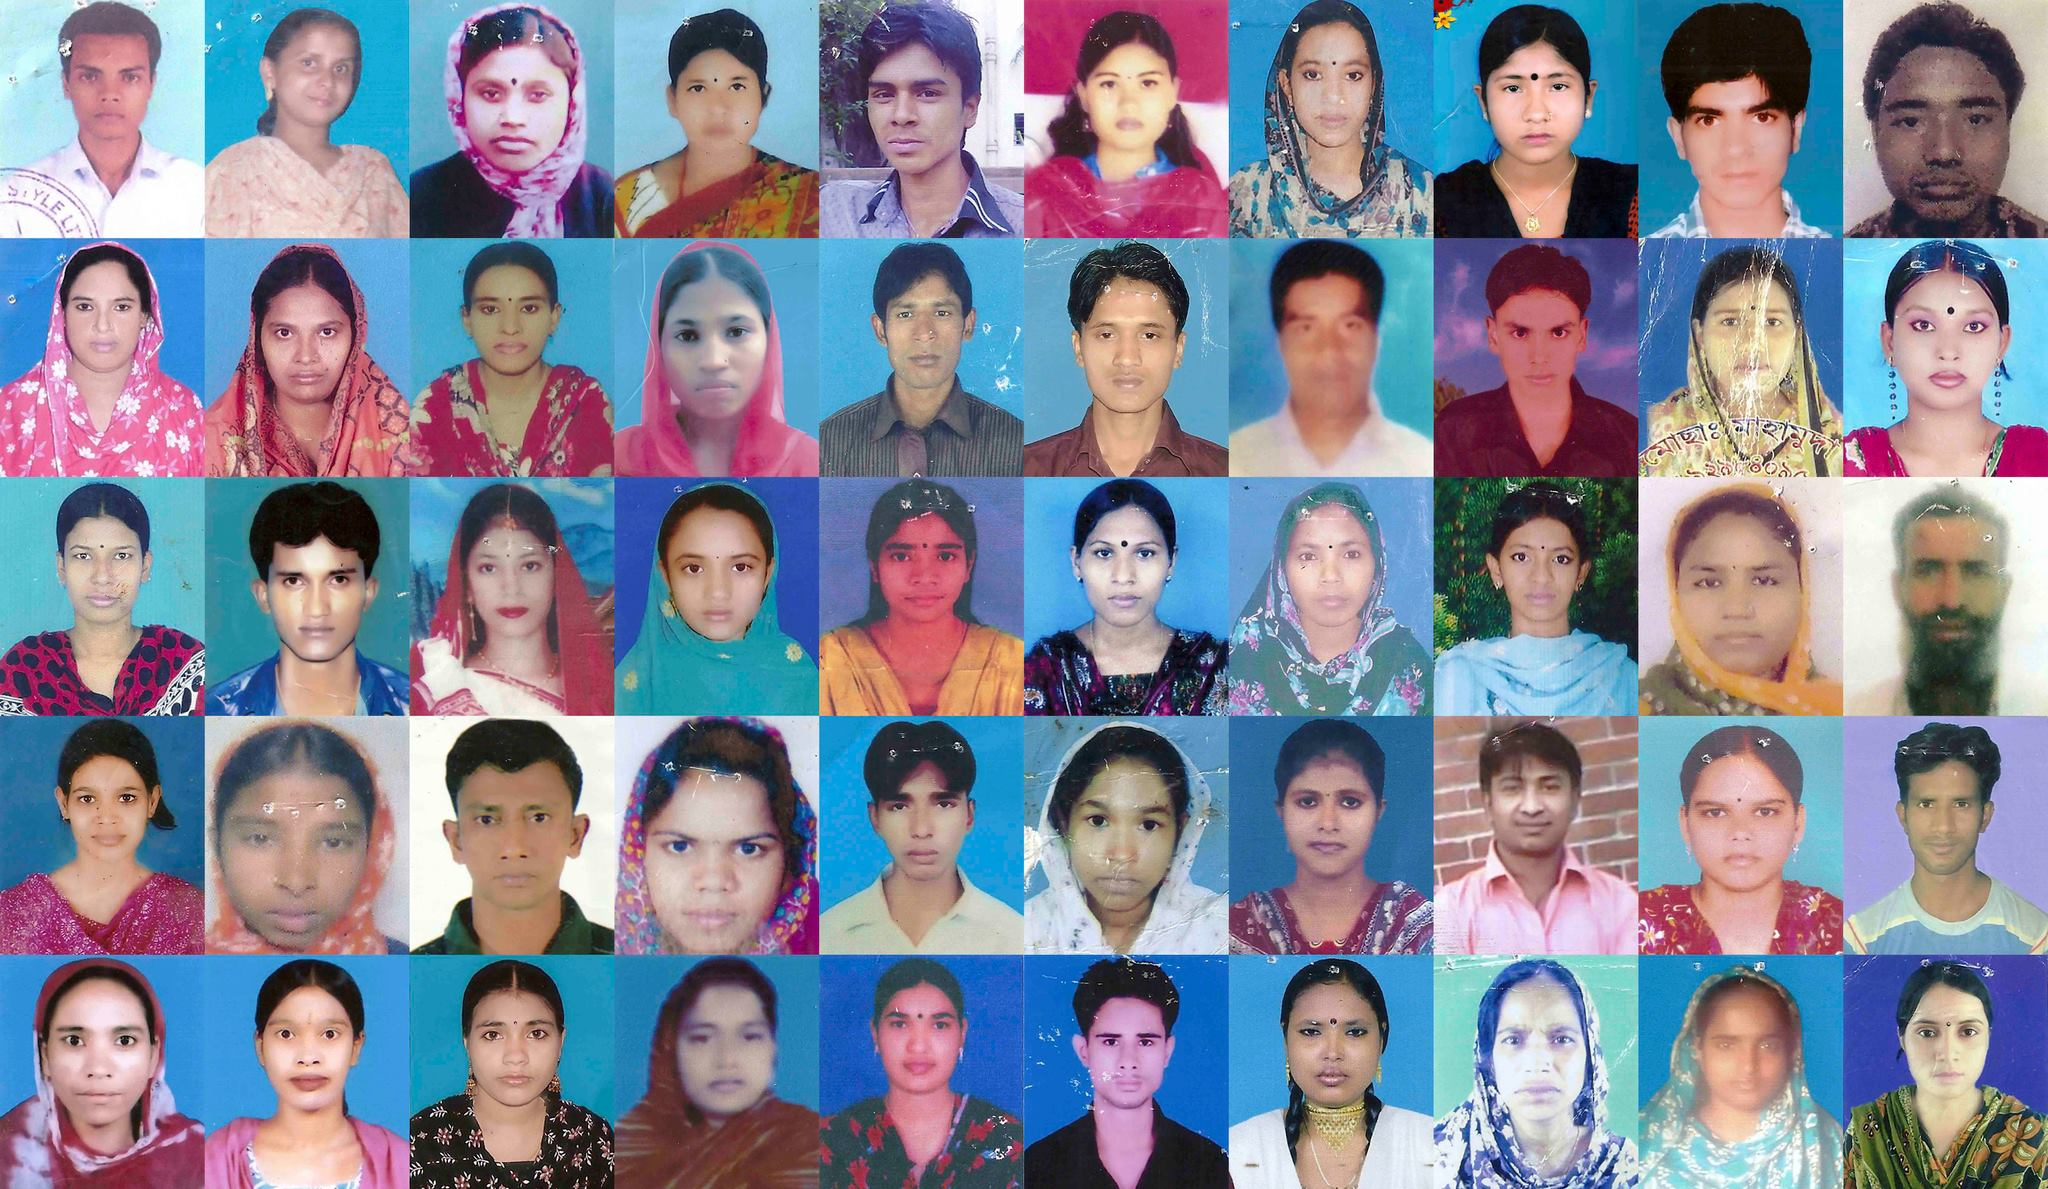 Conmemoramos el aniversario del Rana Plaza exigiendo compromisos que prevengan futuros desastres en la industria textil